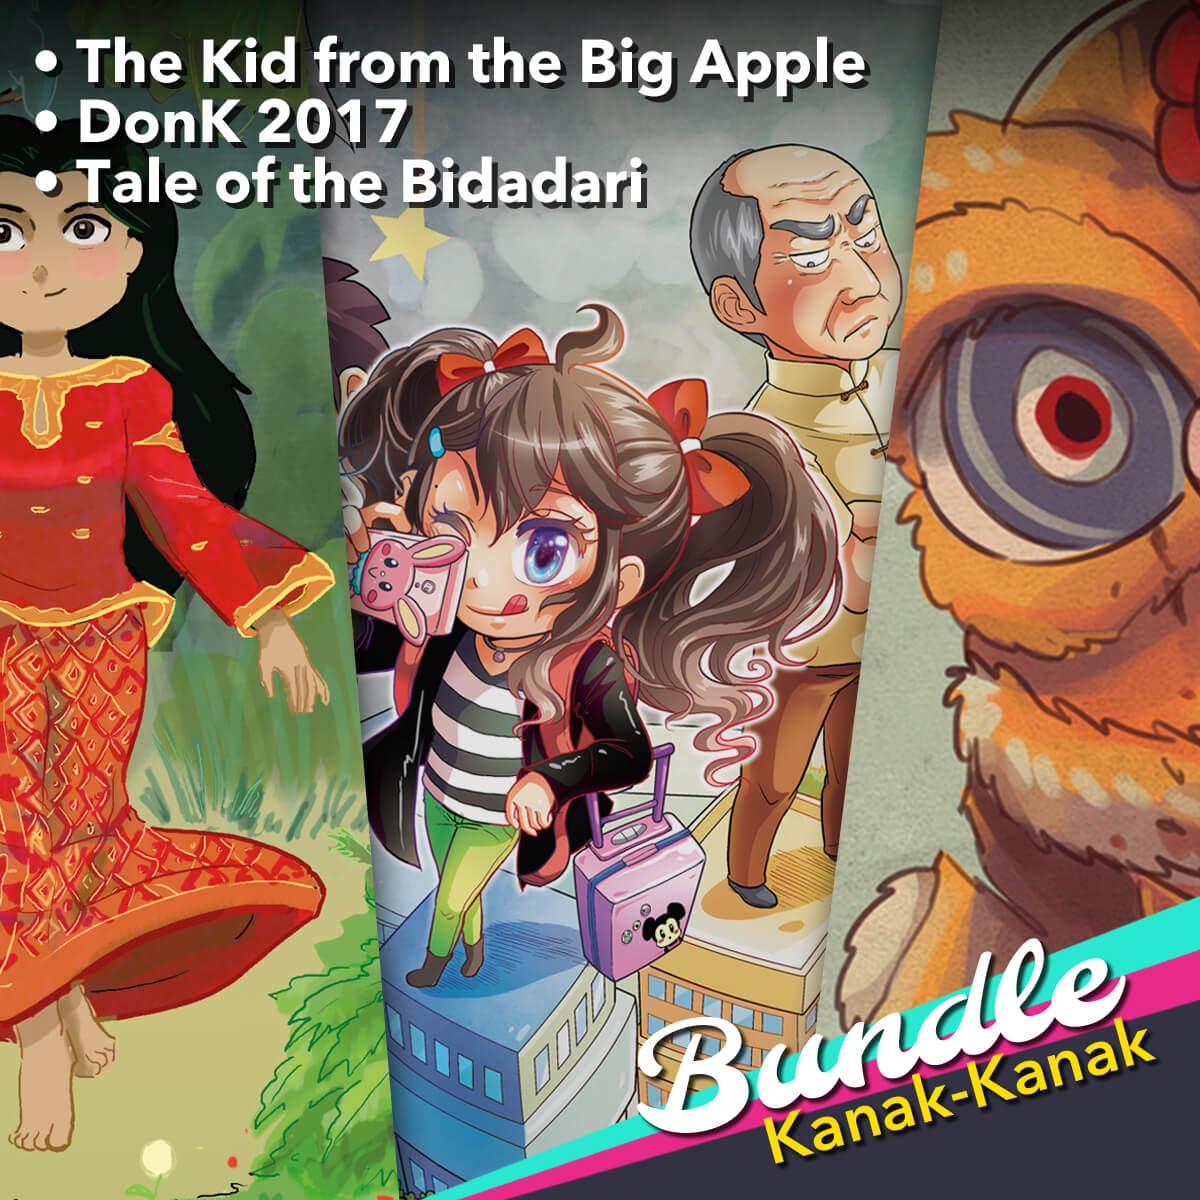 bundle-kanakkanak-1547995356.jpg